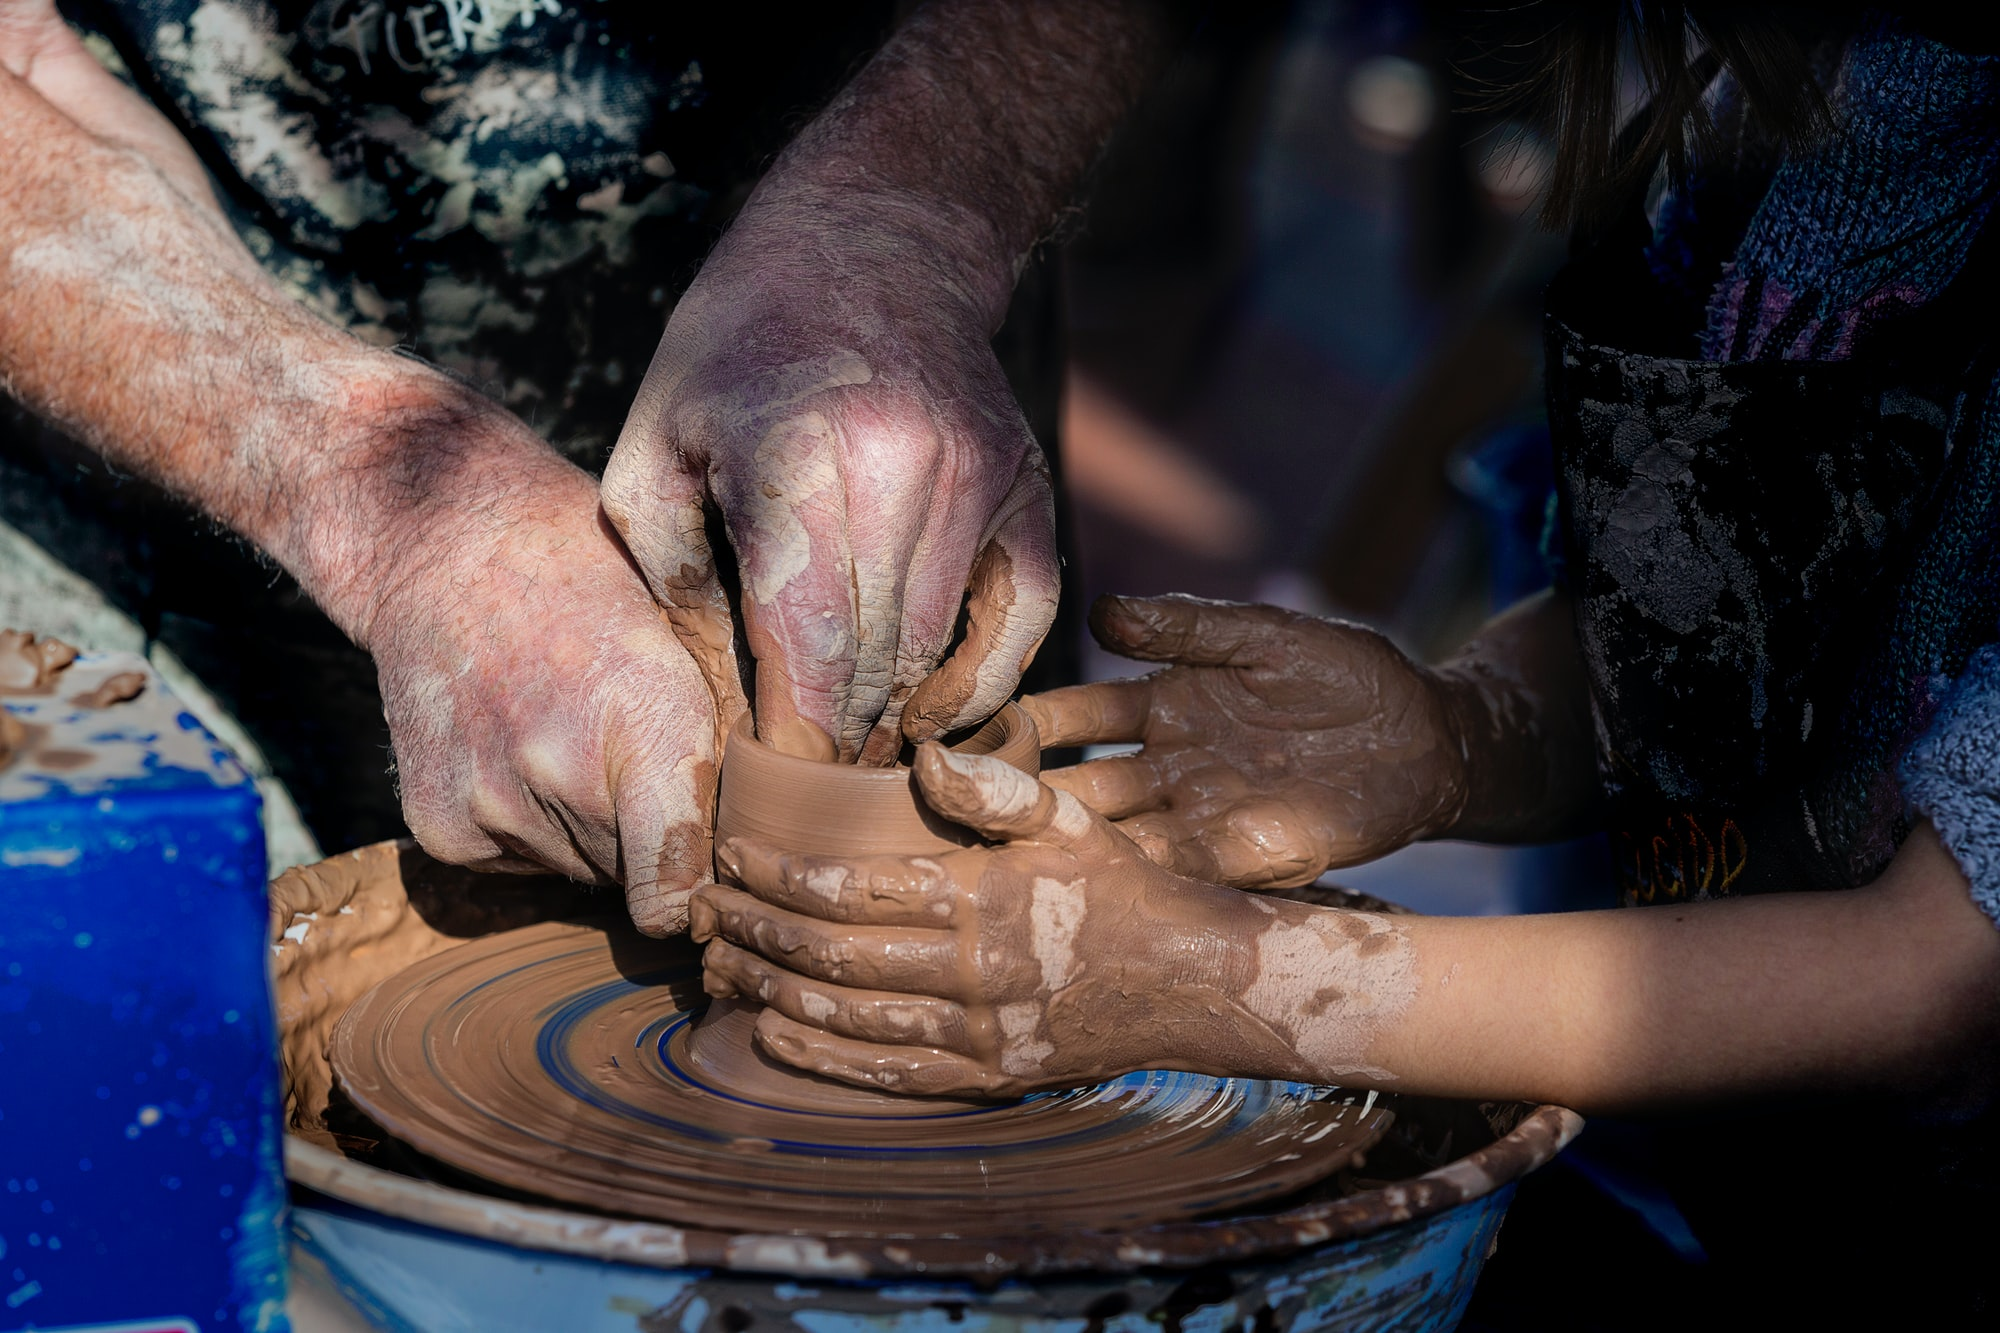 Las manos de un maestro artesano guiando las de un niño para dar forma al barro.